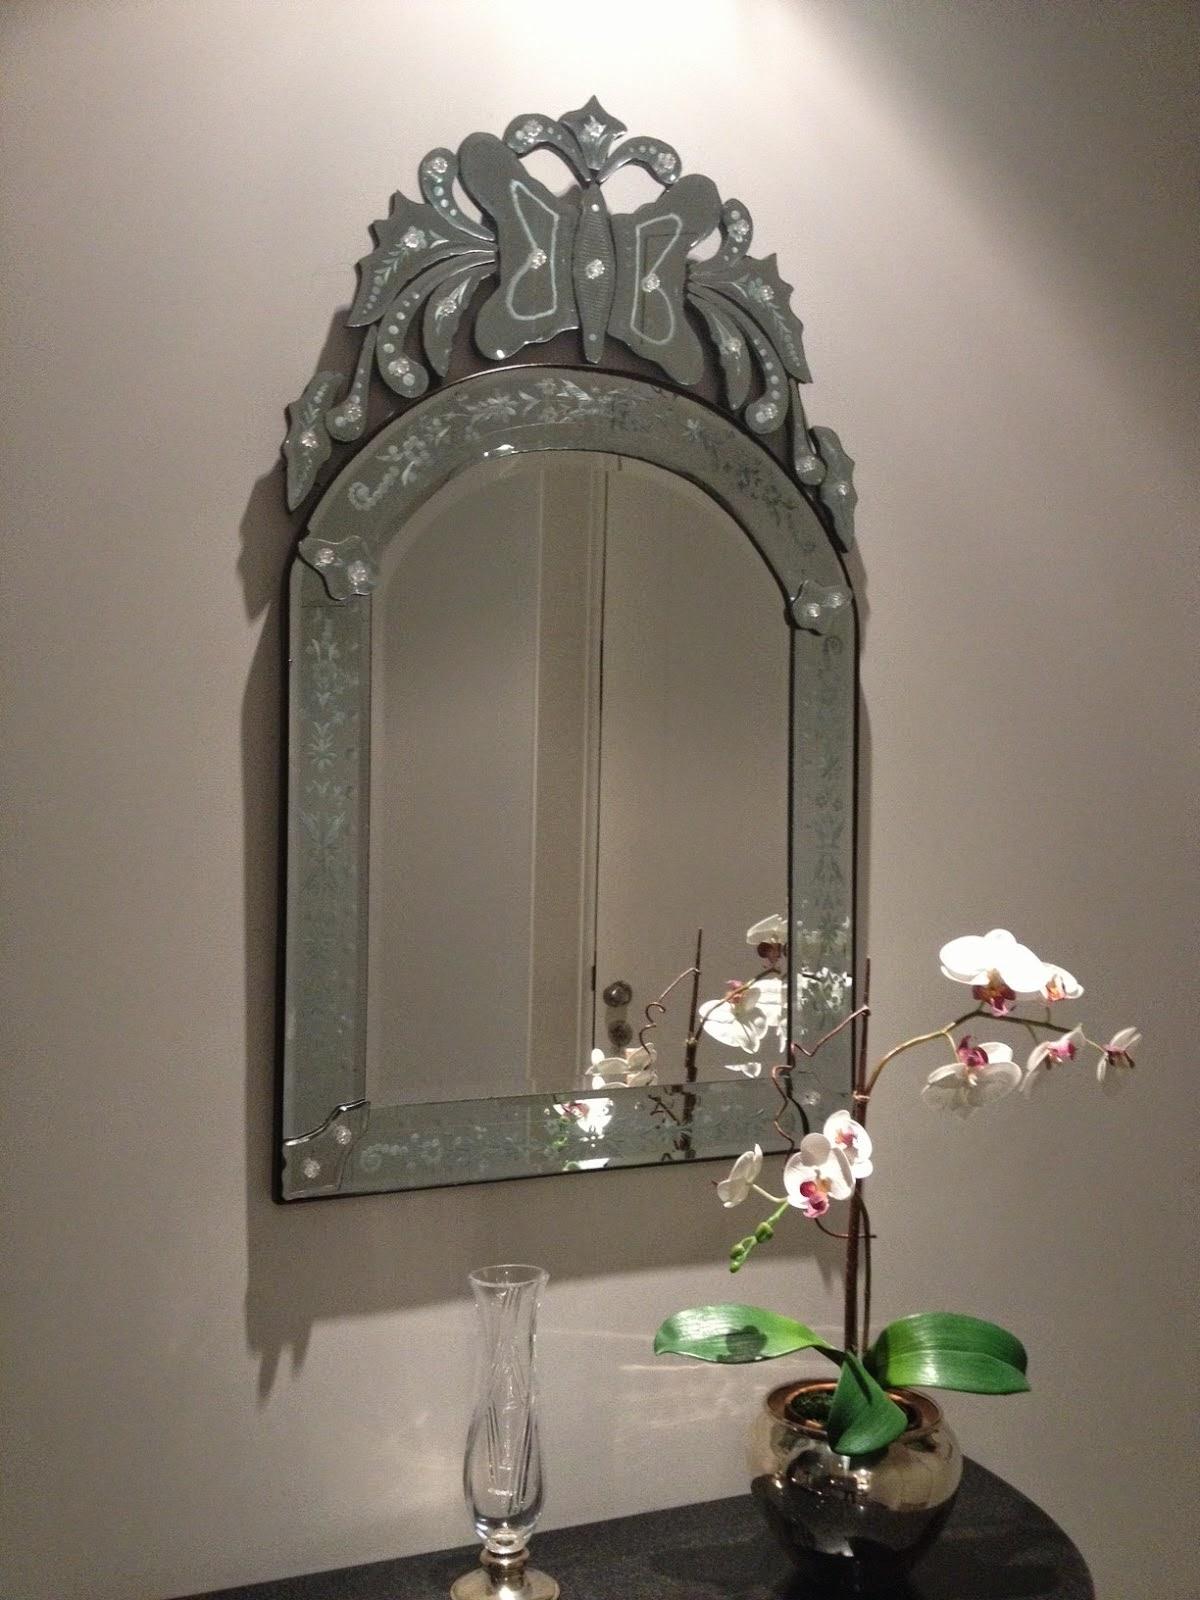 Dicas para decorar o hall de entrada, o espelho pode ser uma ótima opção.